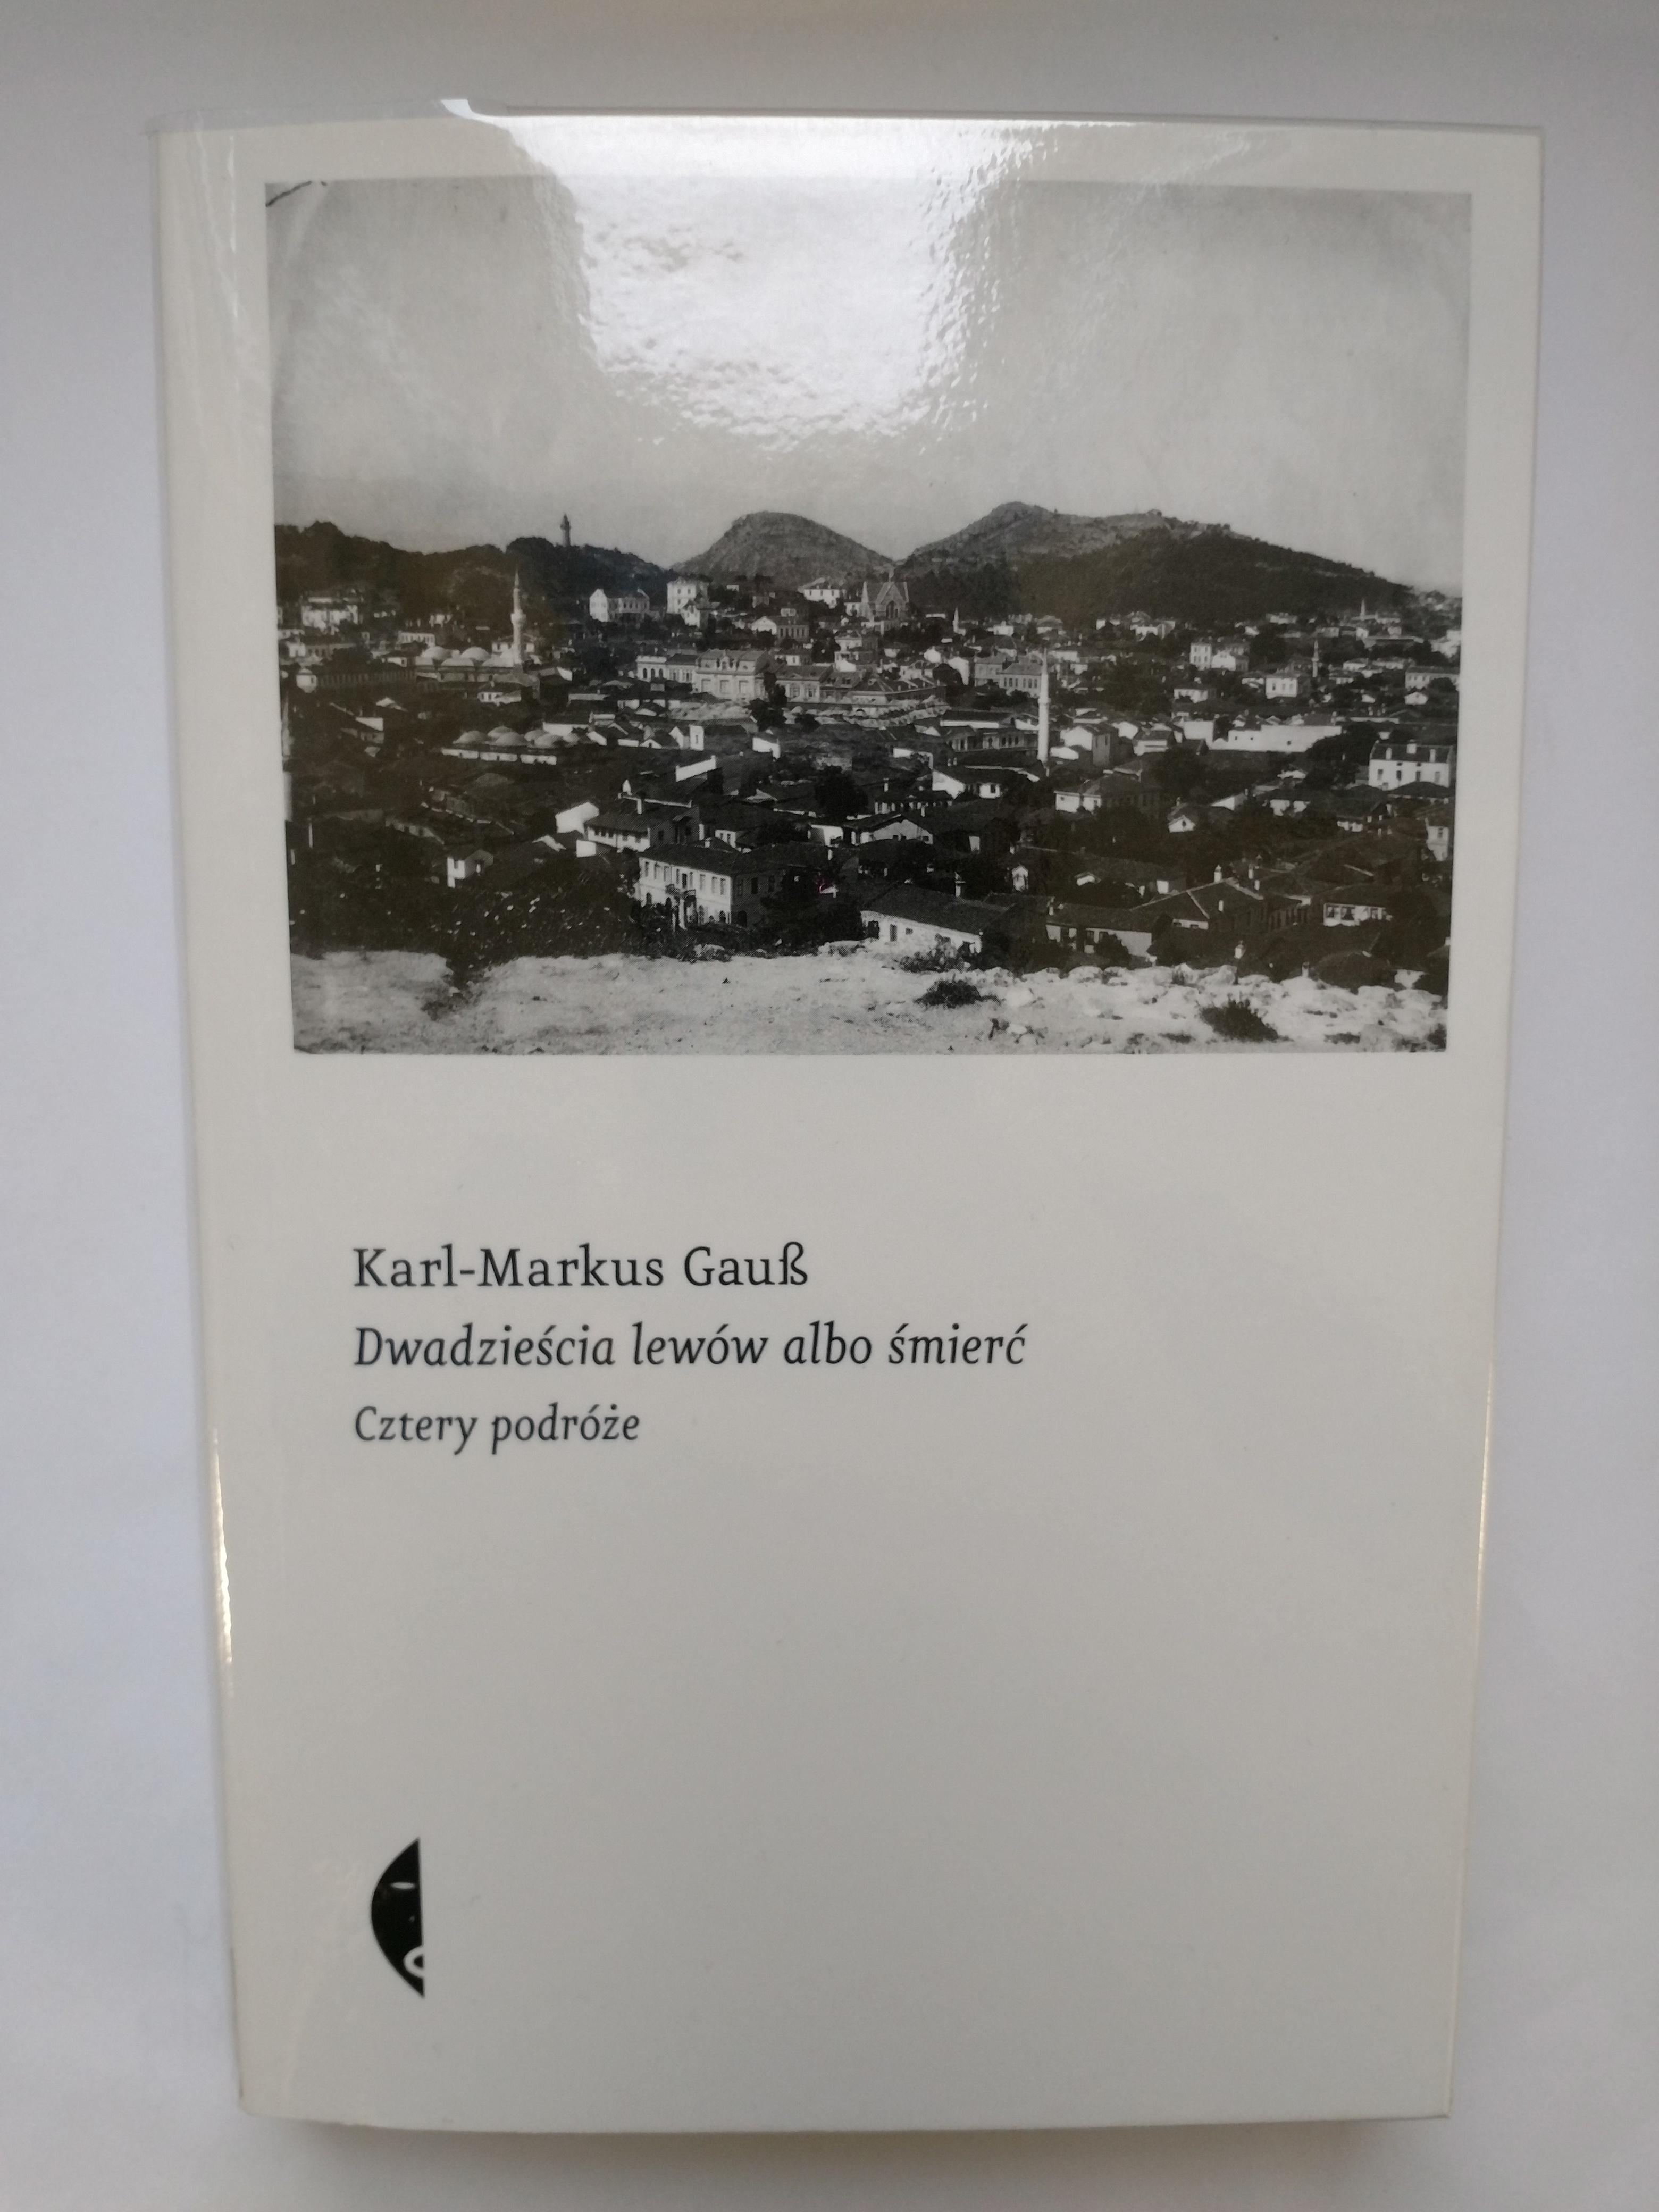 Dwadziescia lewow albo smierc - Karl-Markus Gauß